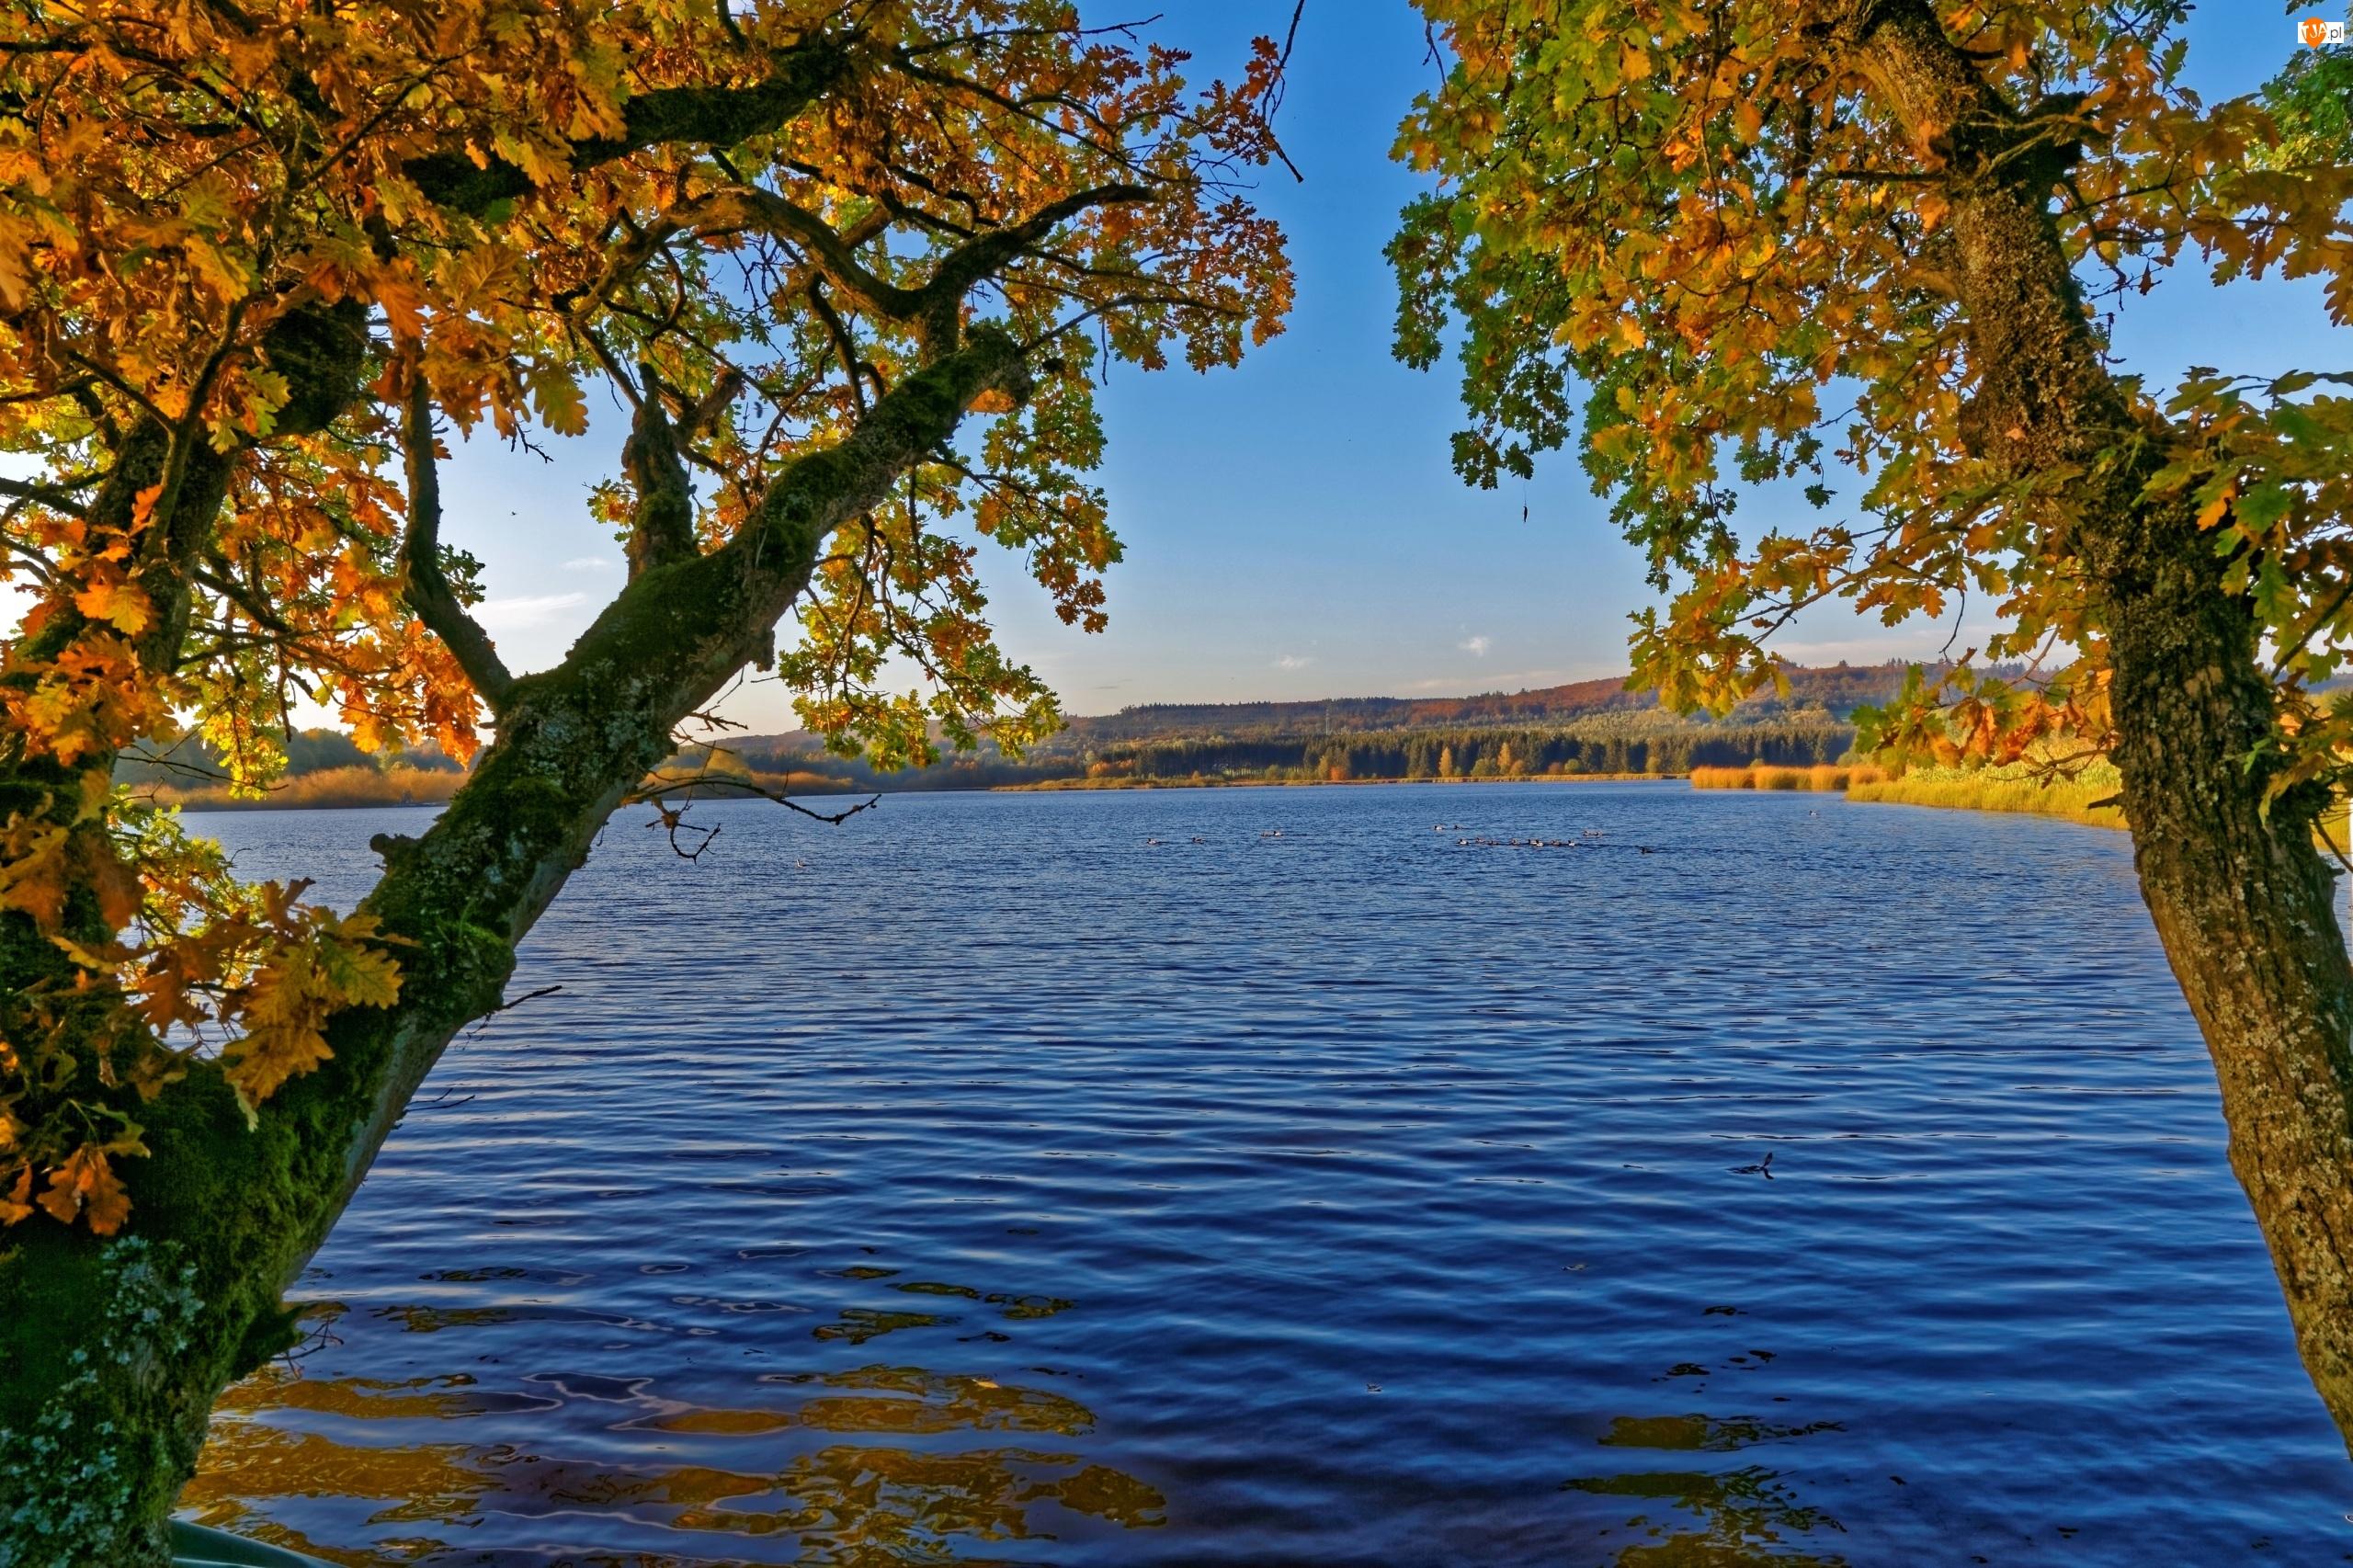 Jezioro, Pochylone, Drzewa